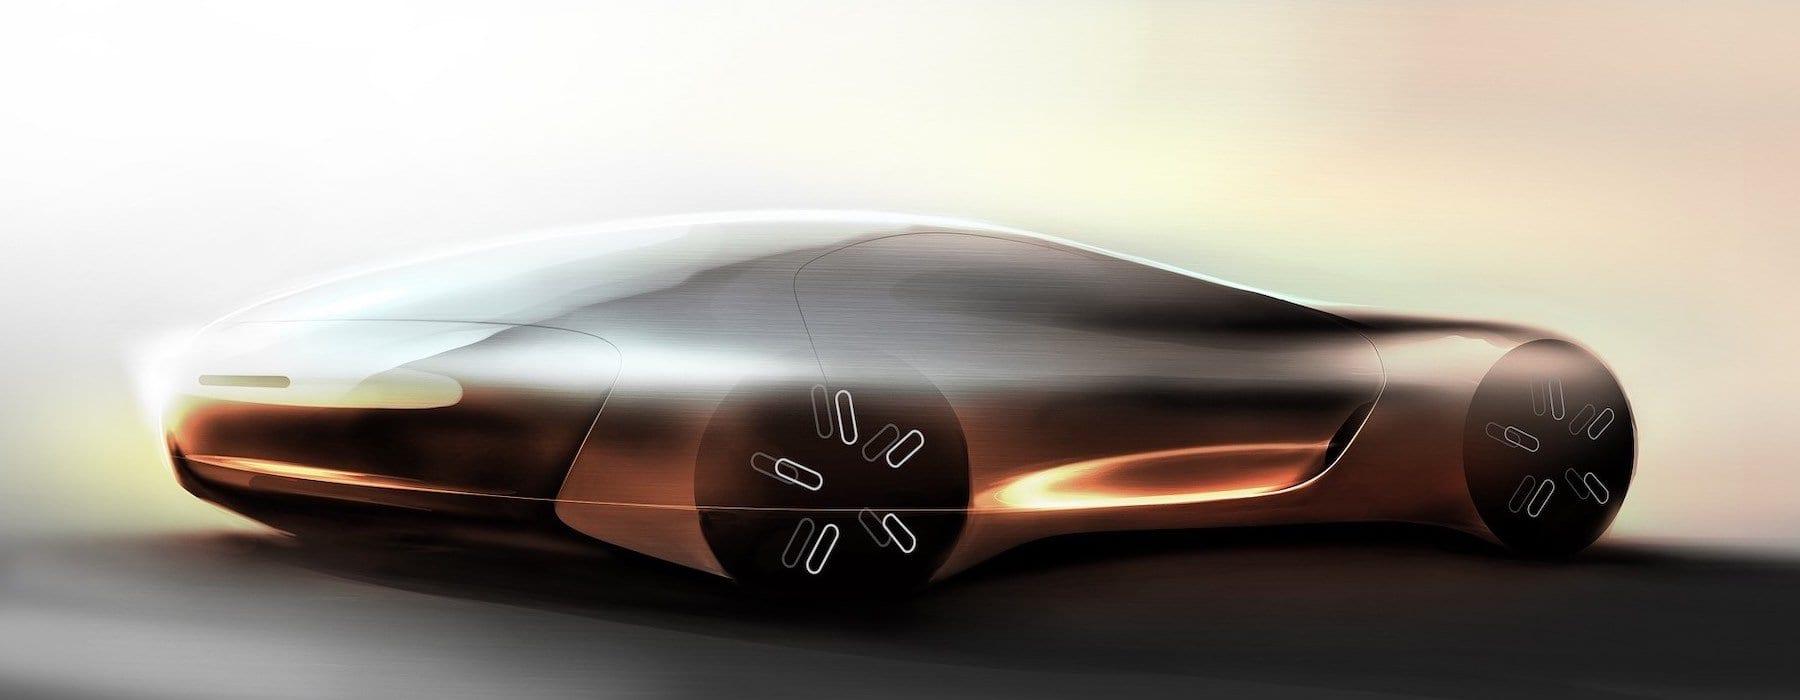 Autonomes Fahren - Die Zukunft der Mobilität